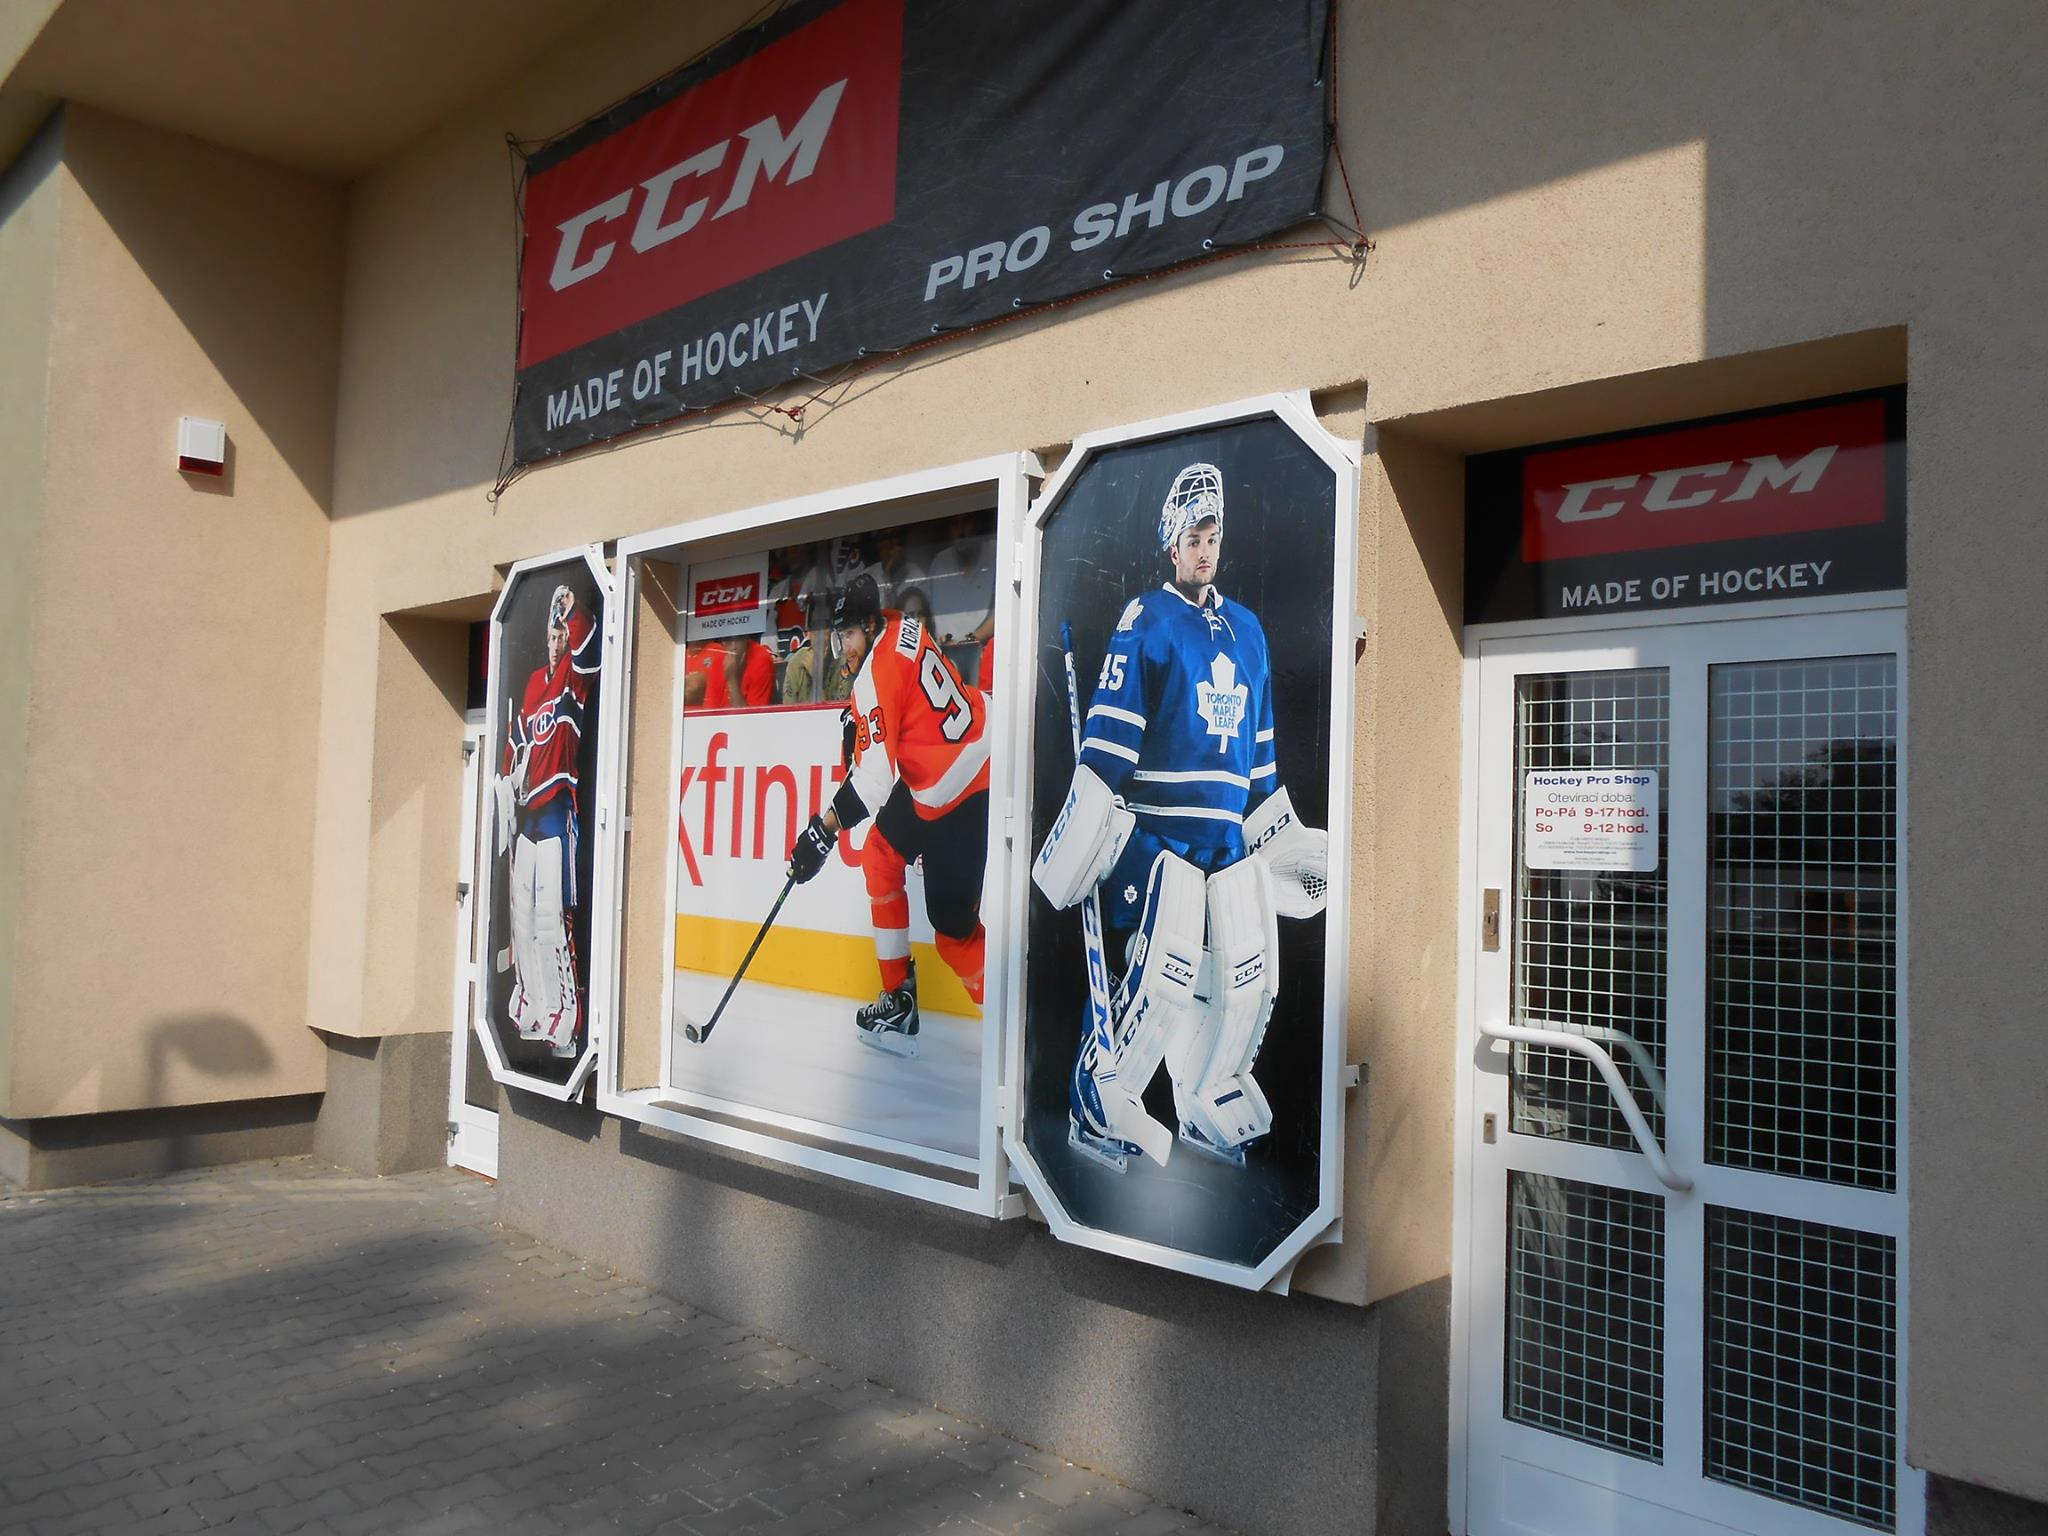 0205ab31eec8b Hokej obchod Ostrava - Vše pro hokej od pondělí do soboty ...